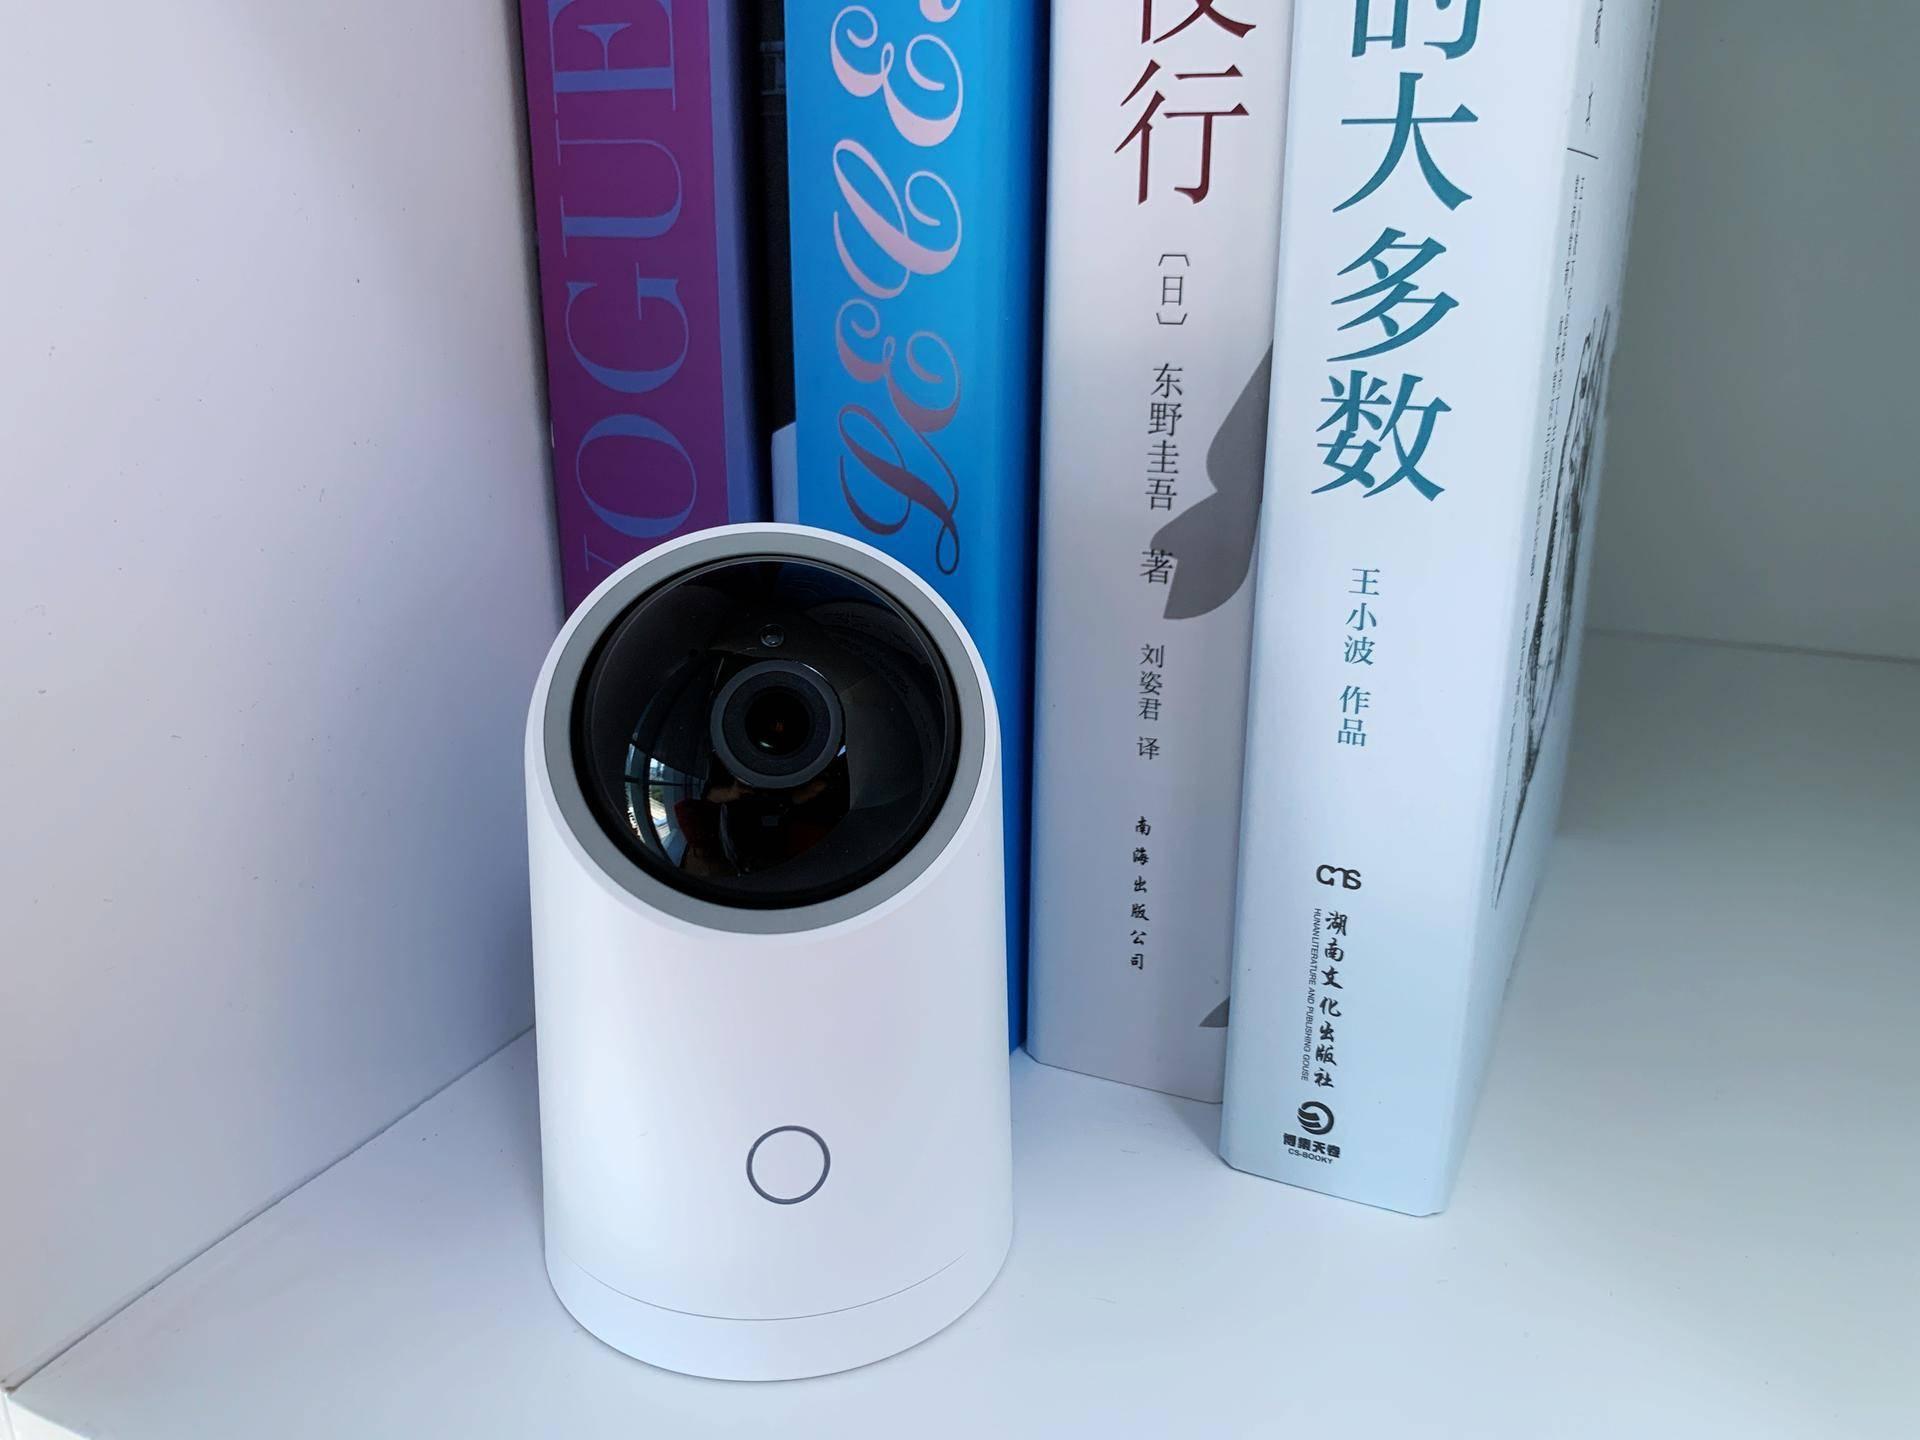 【华为智选】家中的智能哨兵-海雀AI摄像头体验